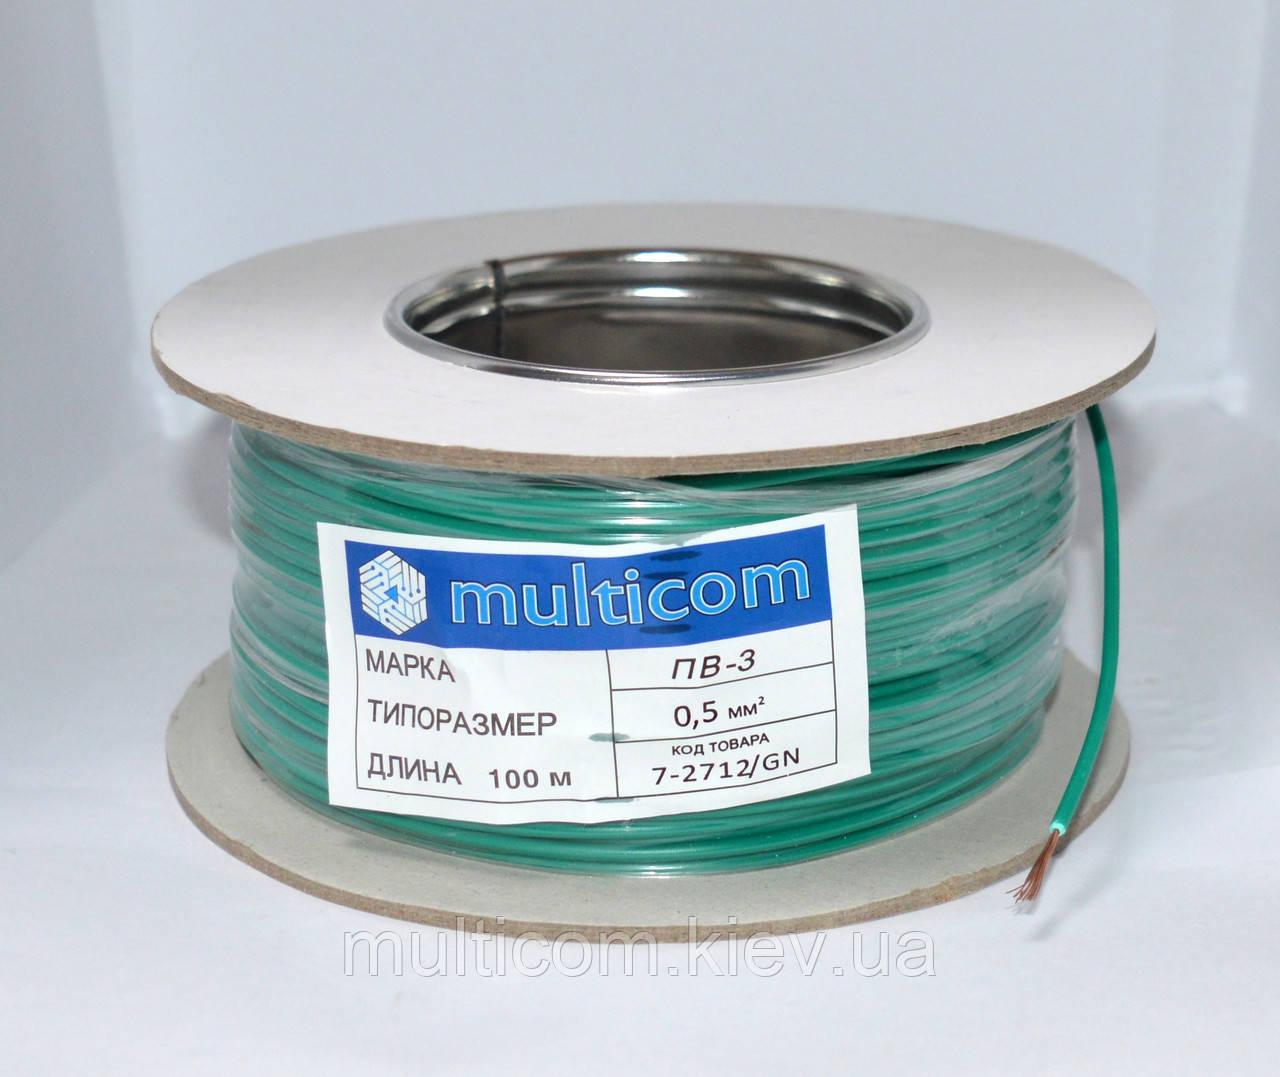 7-2712. Провод ПВ-3 0,5кв.мм (ССА) 100м цветной